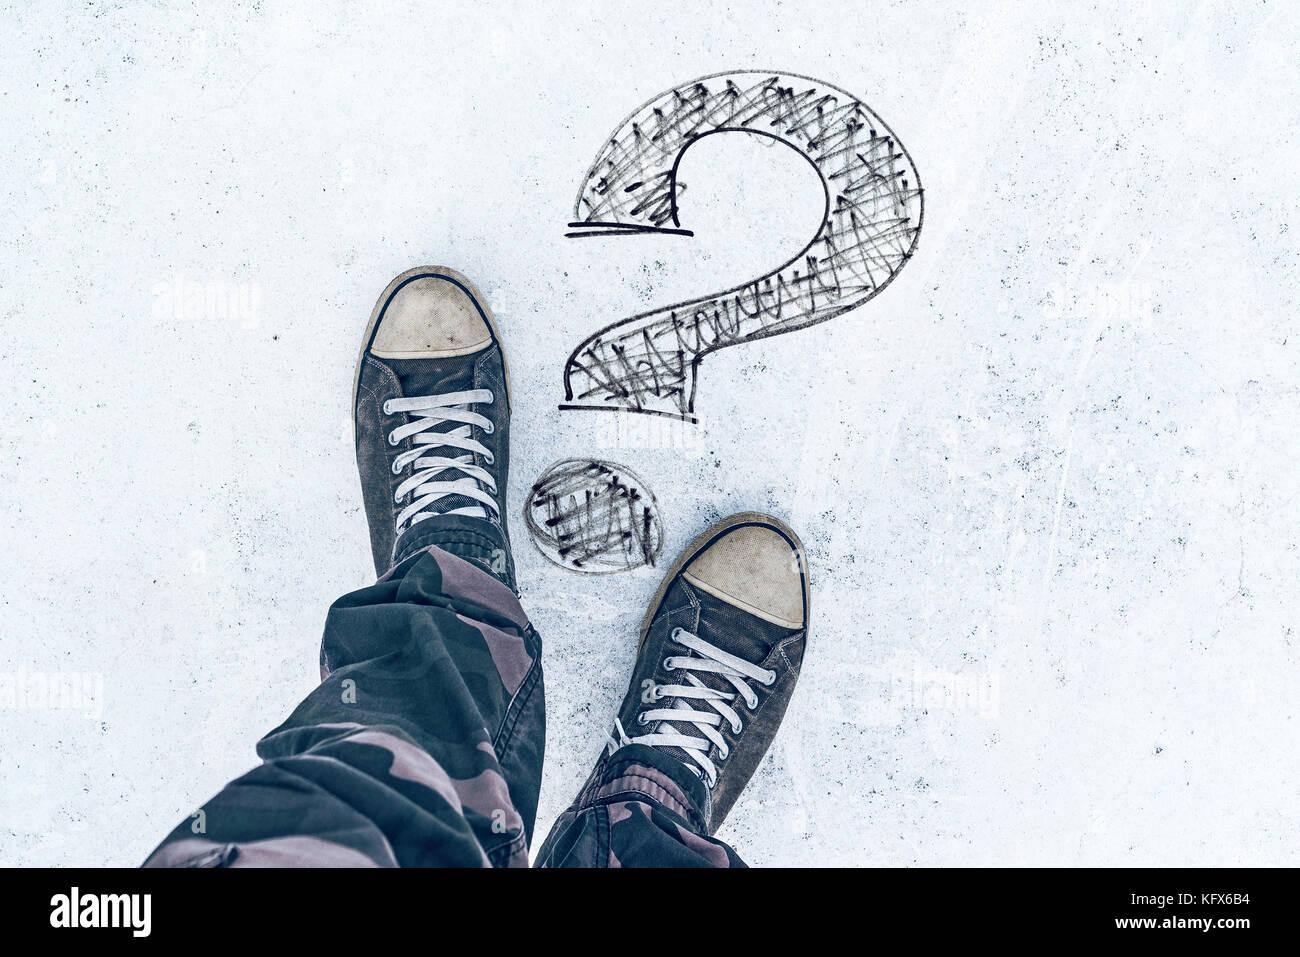 Punto interrogativo sulla strada e sneakers, chiedendo e porre domande Immagini Stock